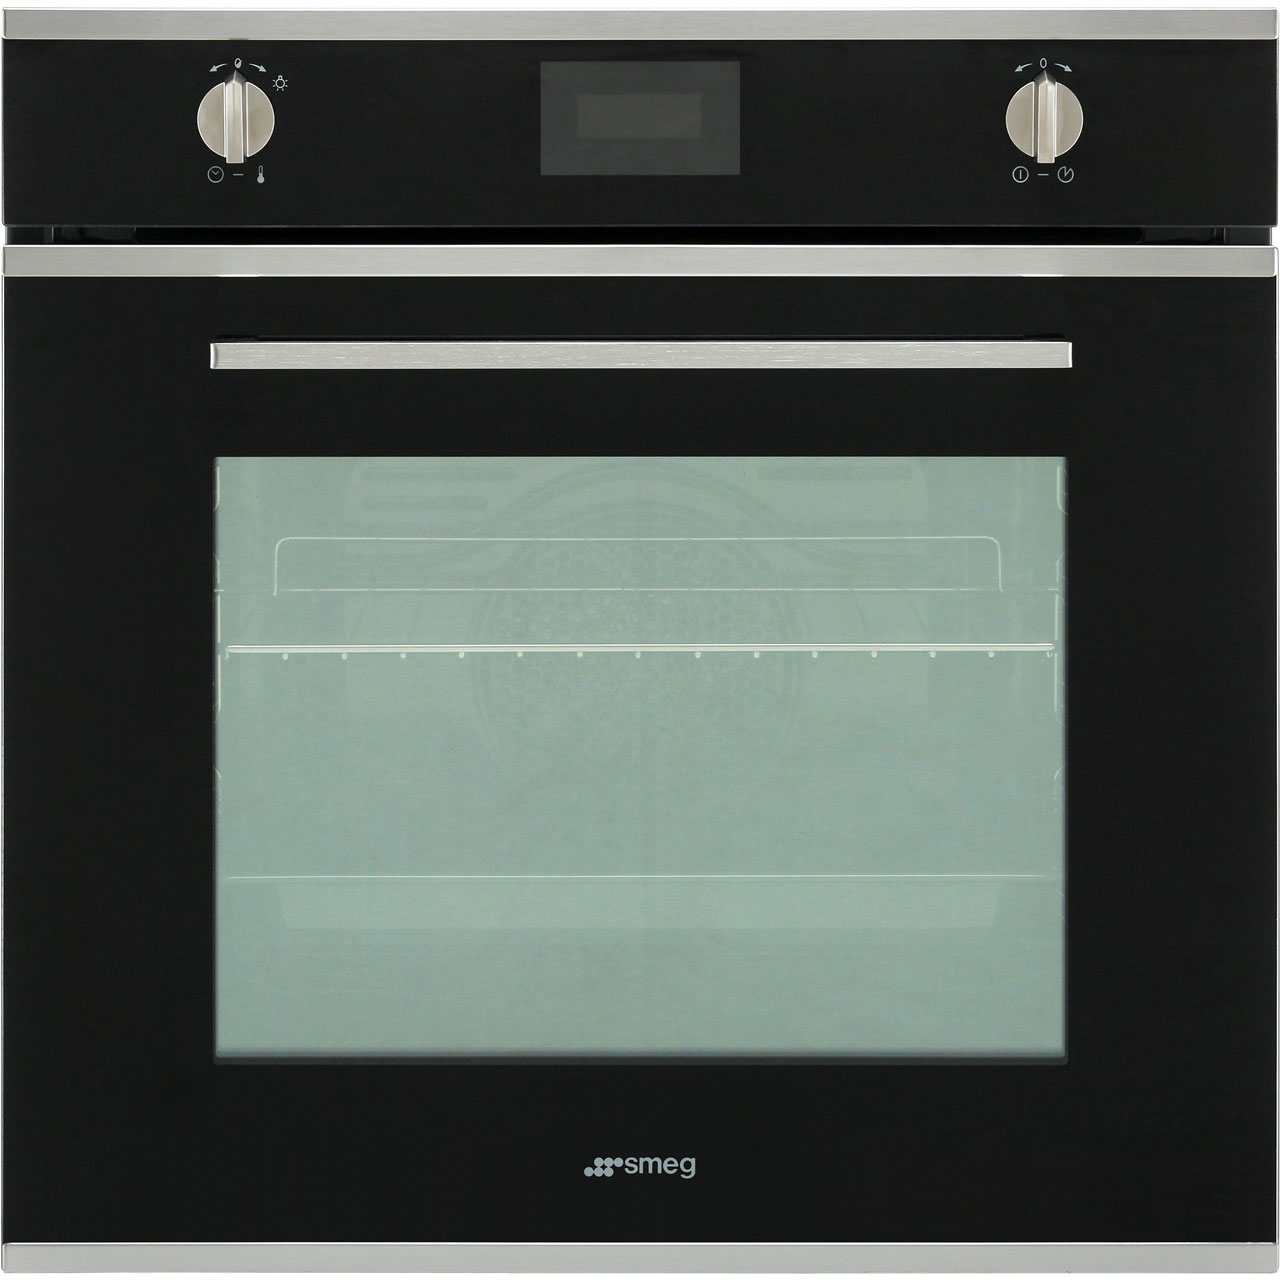 SFP6401TVN_BK | Smeg Electric Single Oven | Black | ao.com